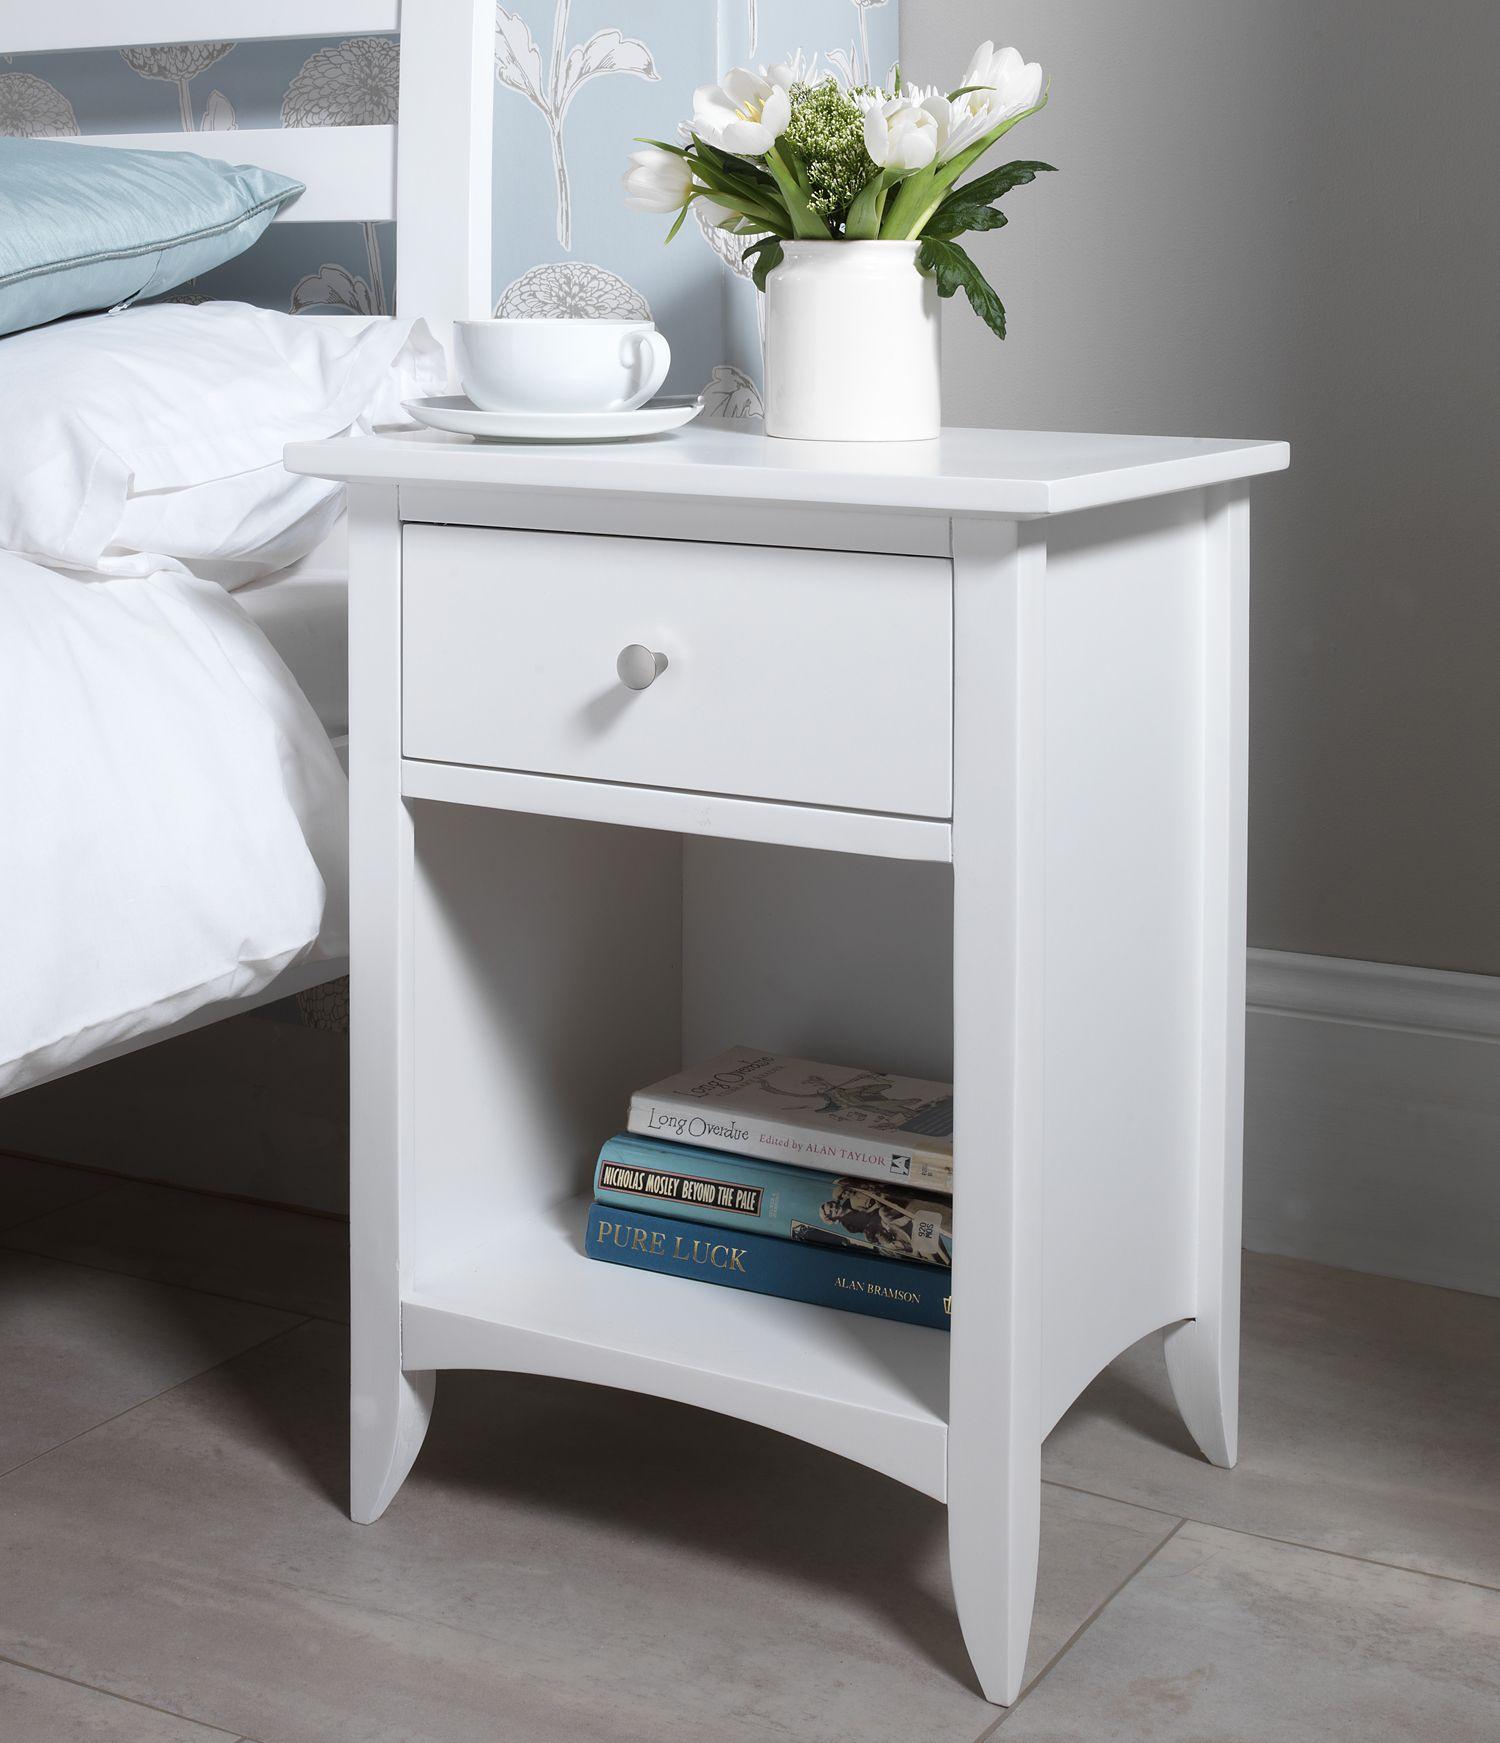 Image result for white bedside table Interior design